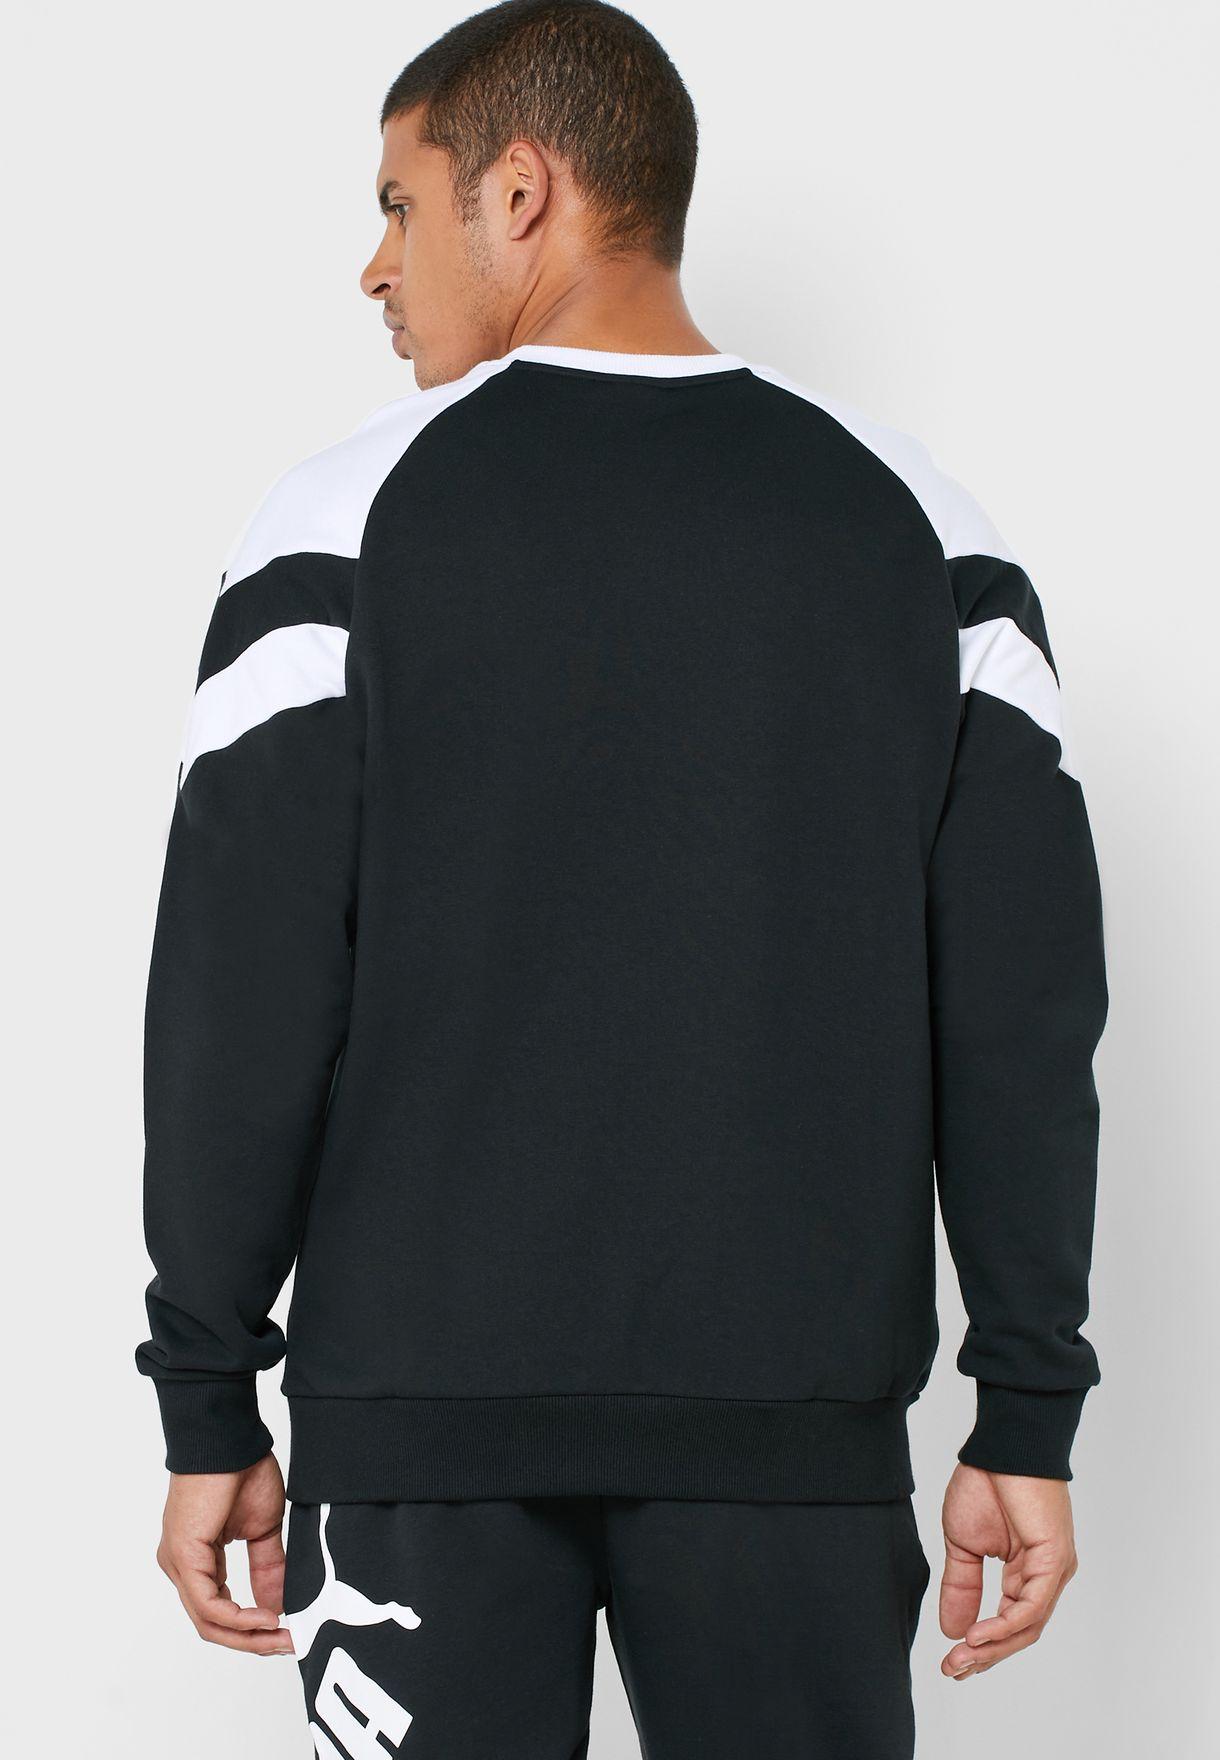 Iconic MCS Sweatshirt